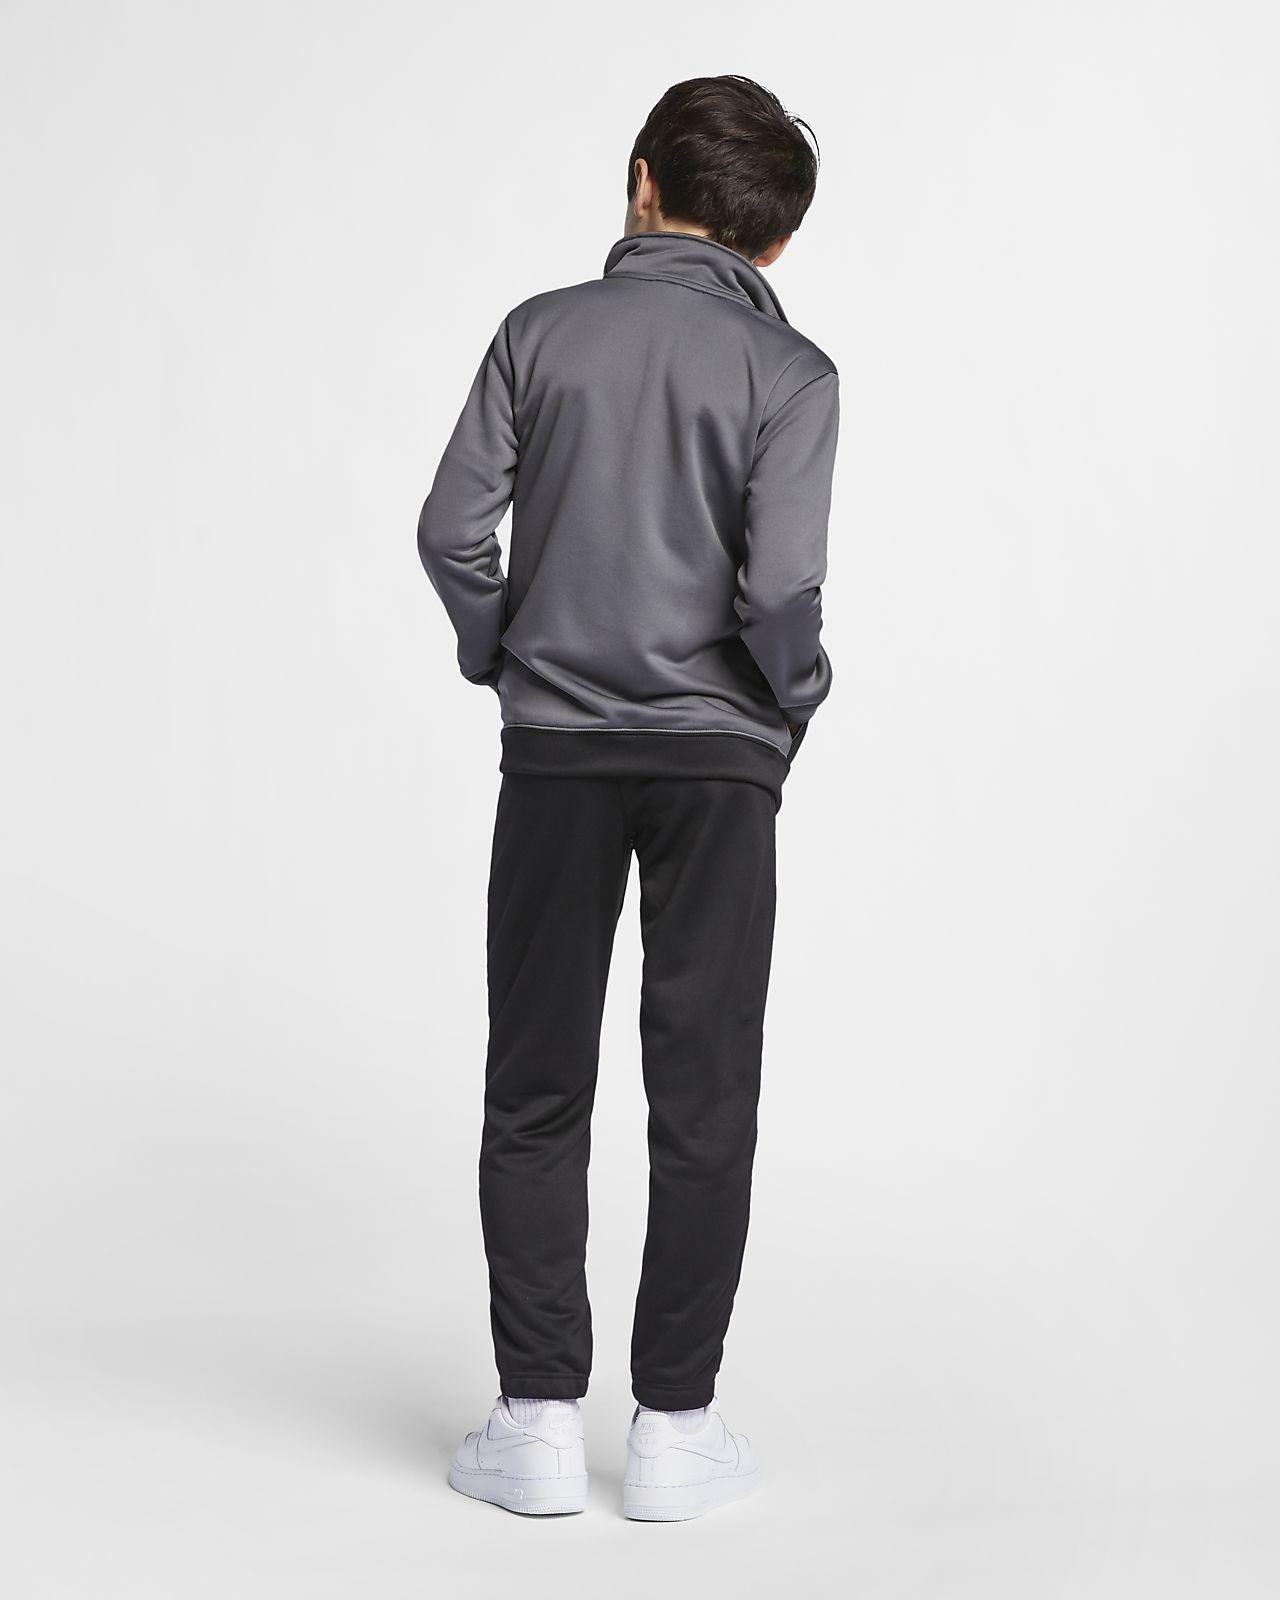 the best attitude 33f13 cd955 ... Survêtement Nike Sportswear pour Garçon plus âgé